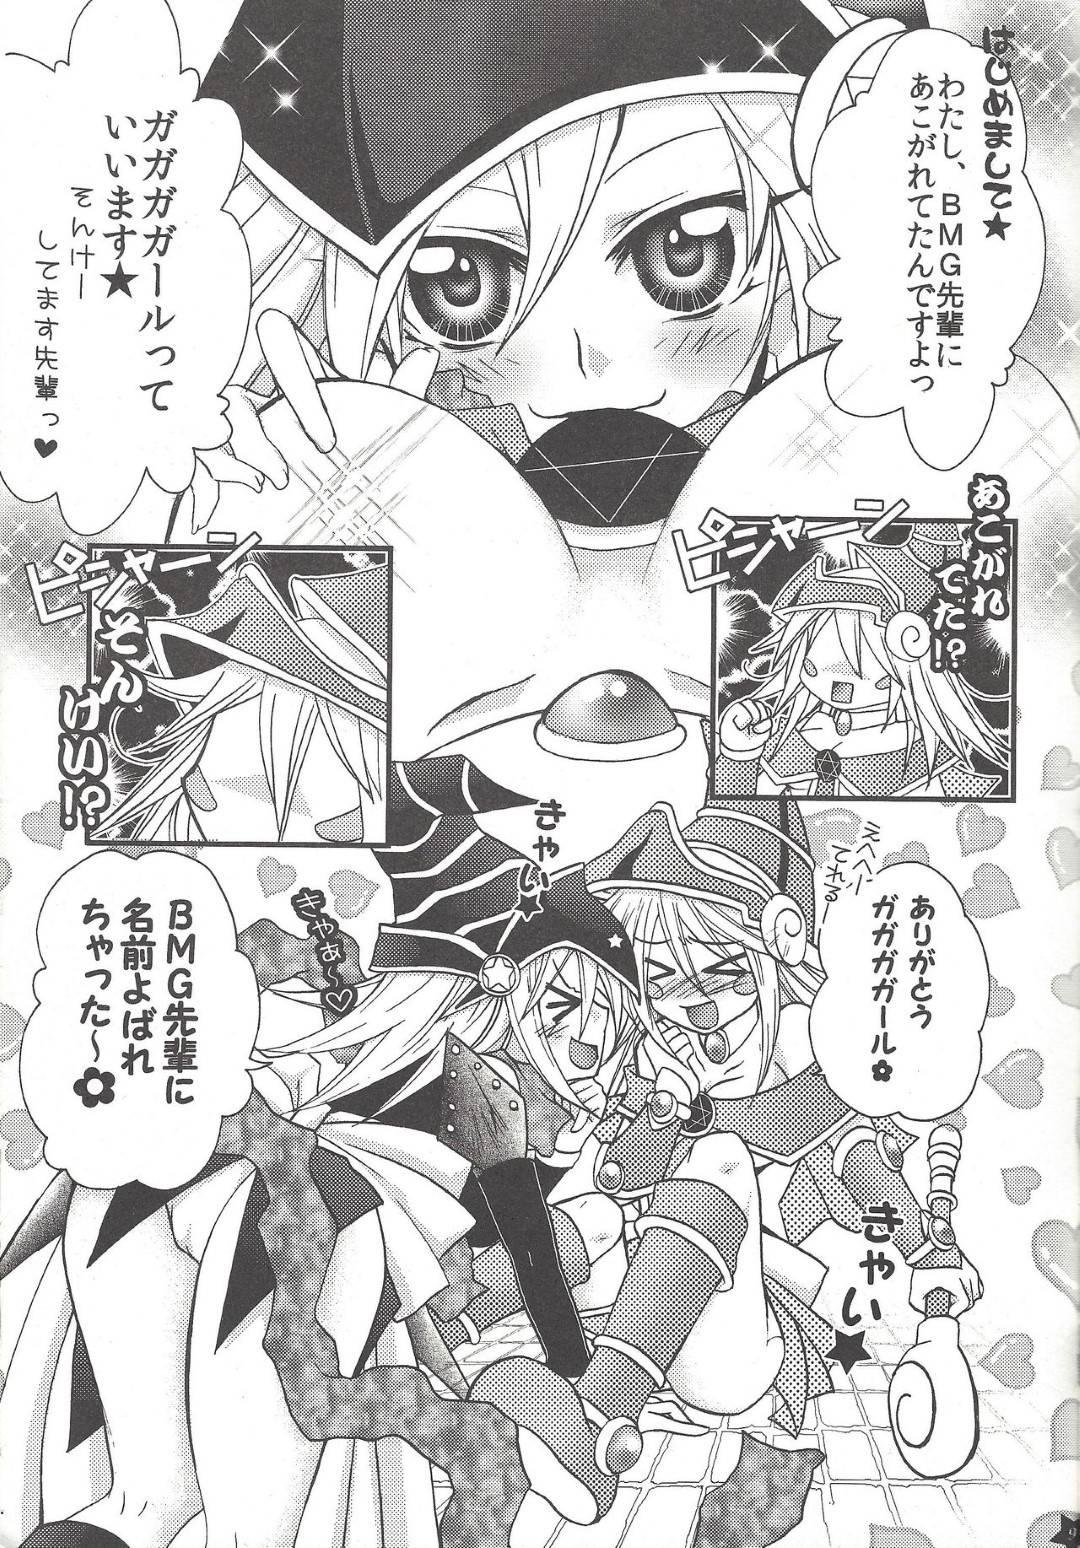 【エロ漫画】マジシャンガールの目の前に突如現れたガガガガール。マジシャンガールに憧れを抱いている彼女は半強引に服を脱がして乳首舐めやクンニなど愛撫してレズセックスへと持ち込む。【たこわさ食べたい。】